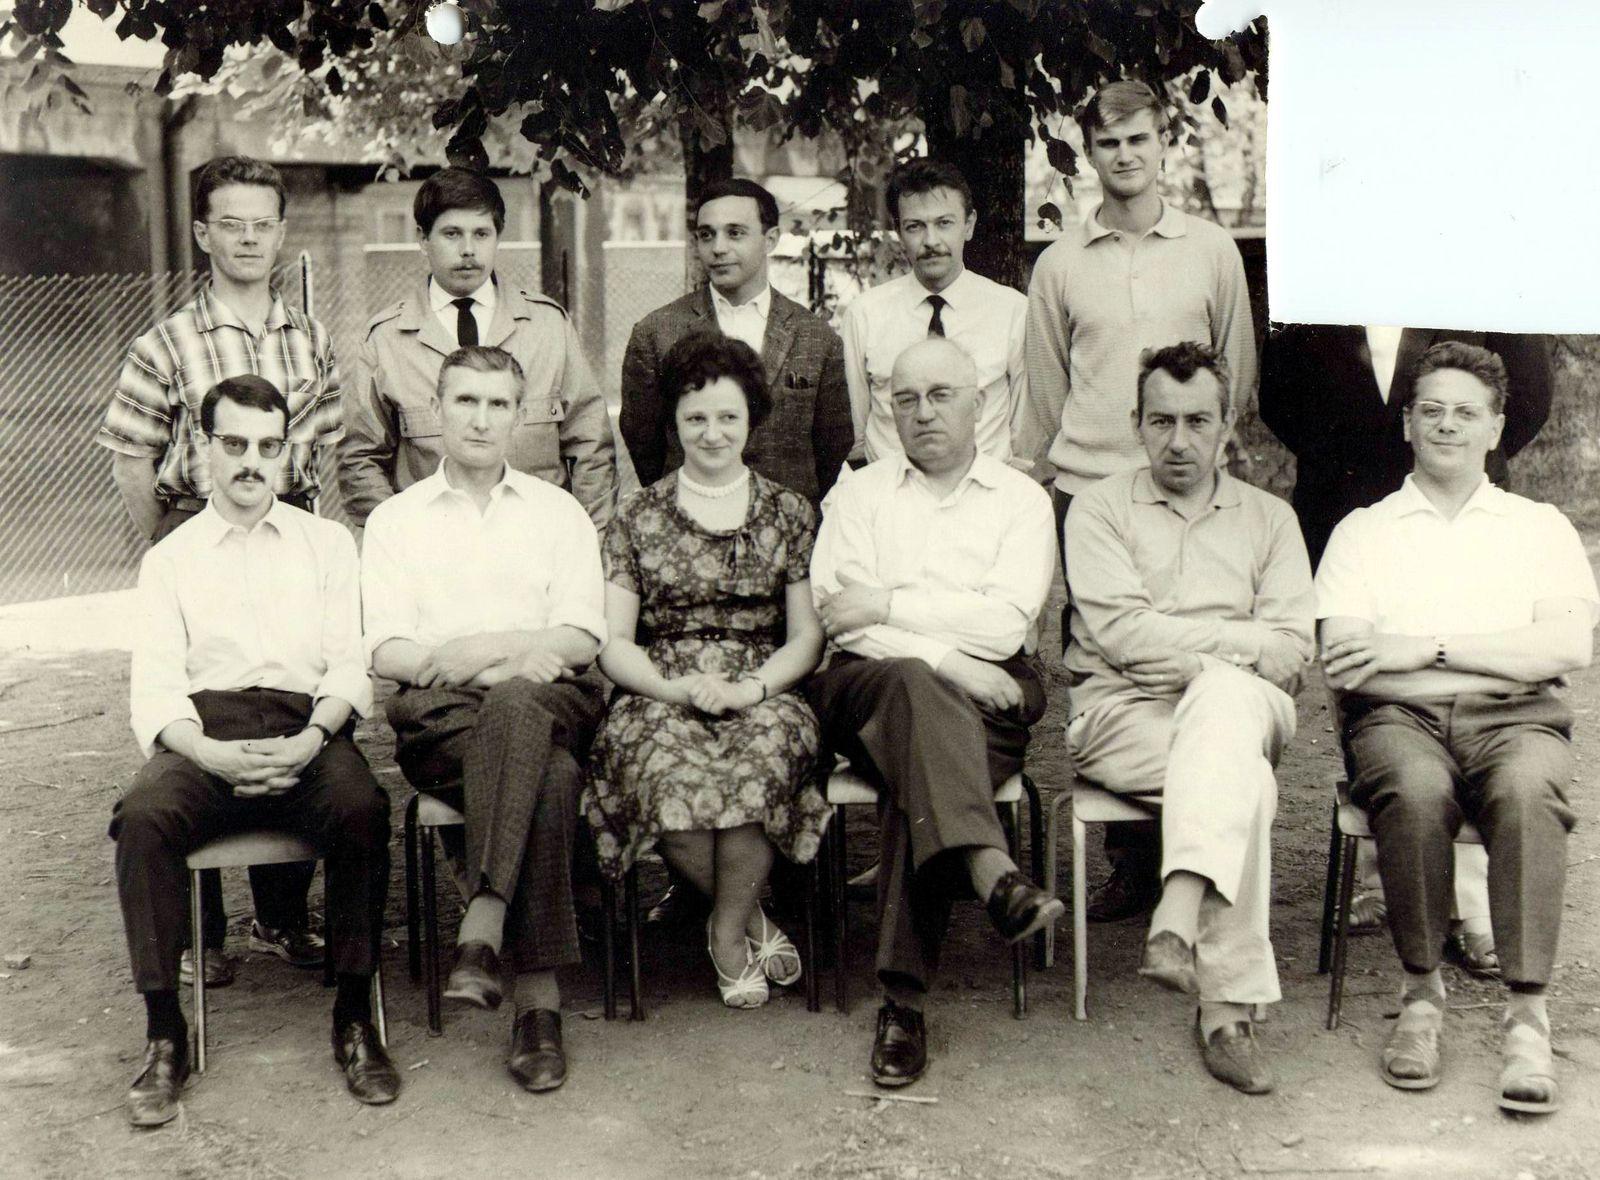 Derrière de gauche à droite: DICK François, BASTIAN Claude, FORTMANN Roger, SCHANNE Gérard,  .............? Devant de gauche à droite:  GORI René, PINT Pierre, Mme LANG-SPANNAGEL Odette, SEIWERT Henri, CLEMENT Robert, LANG René